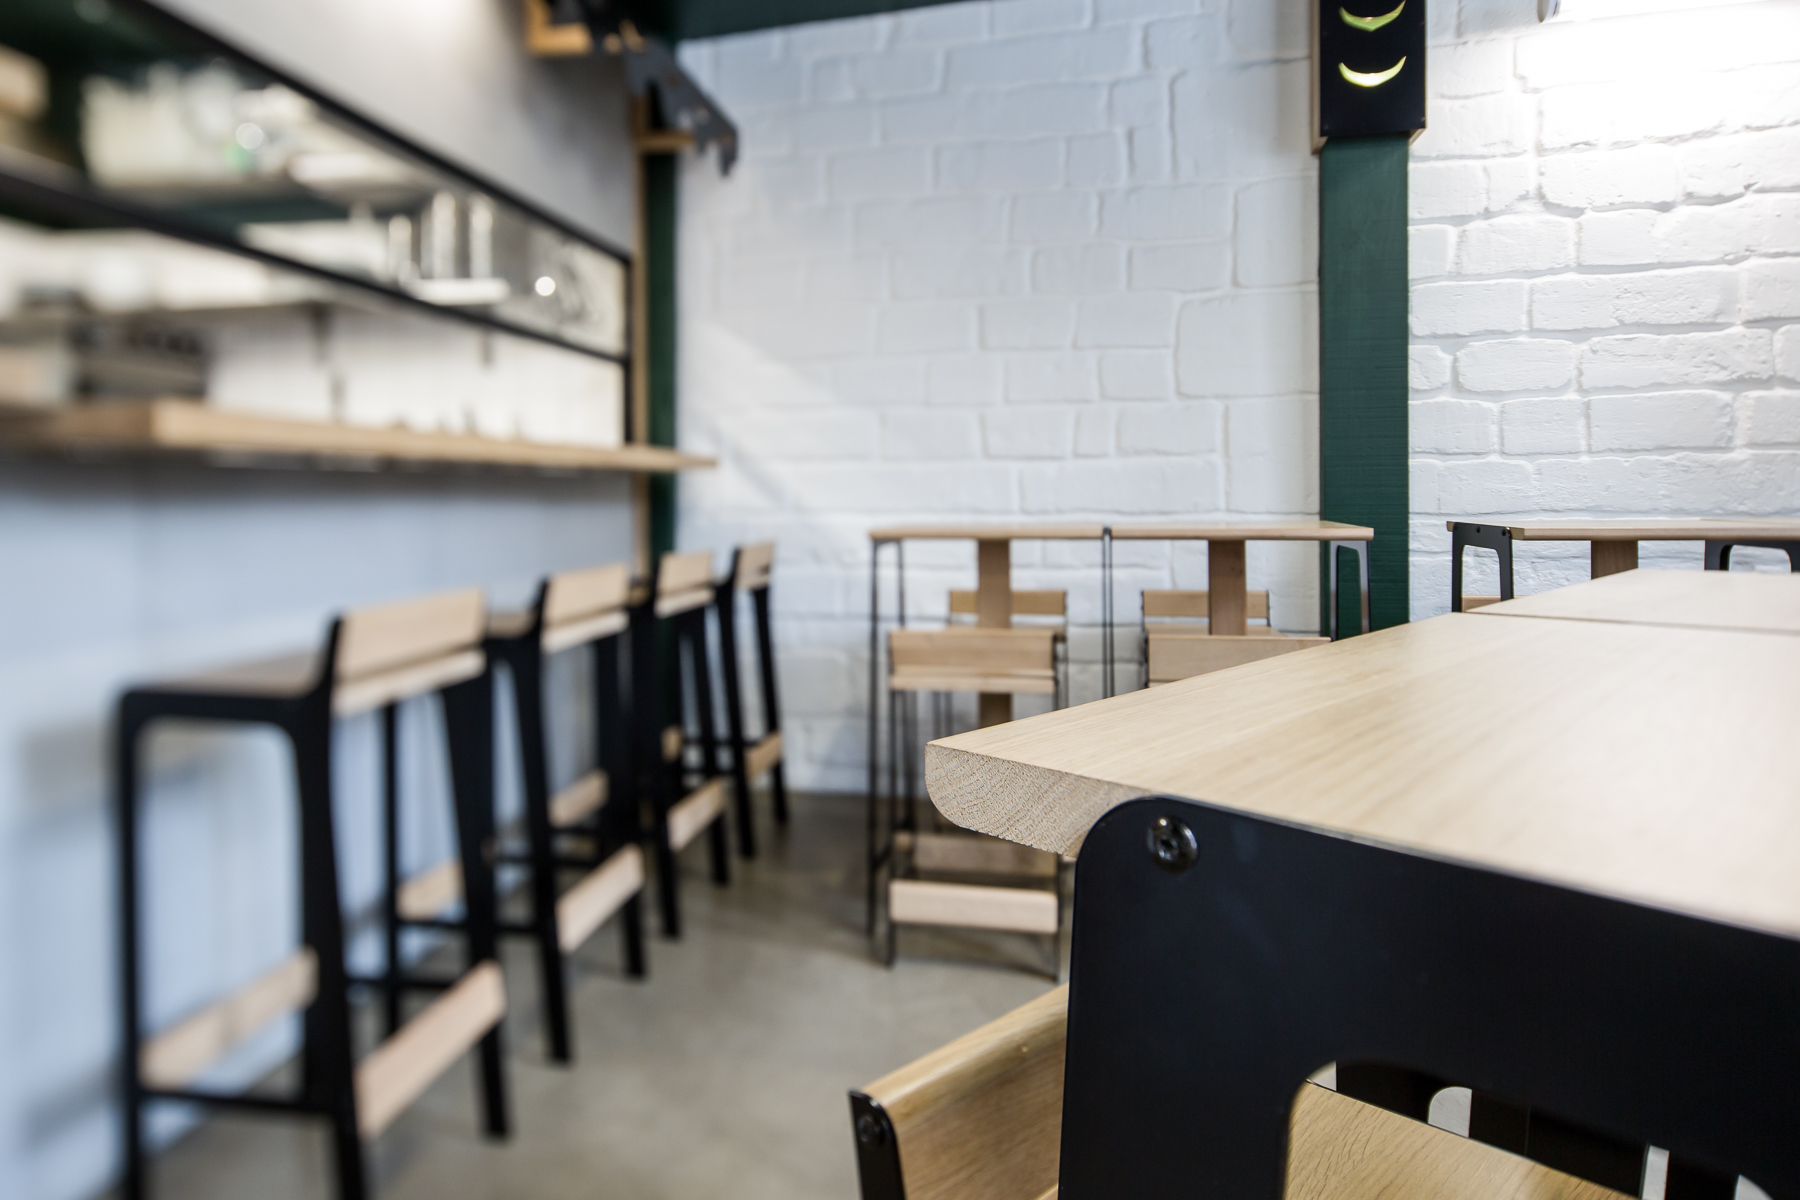 Vue détails Aménagement restaurant Hu tong Bordeaux Cloison cuisine chaises table tabourets haut Design Dircks